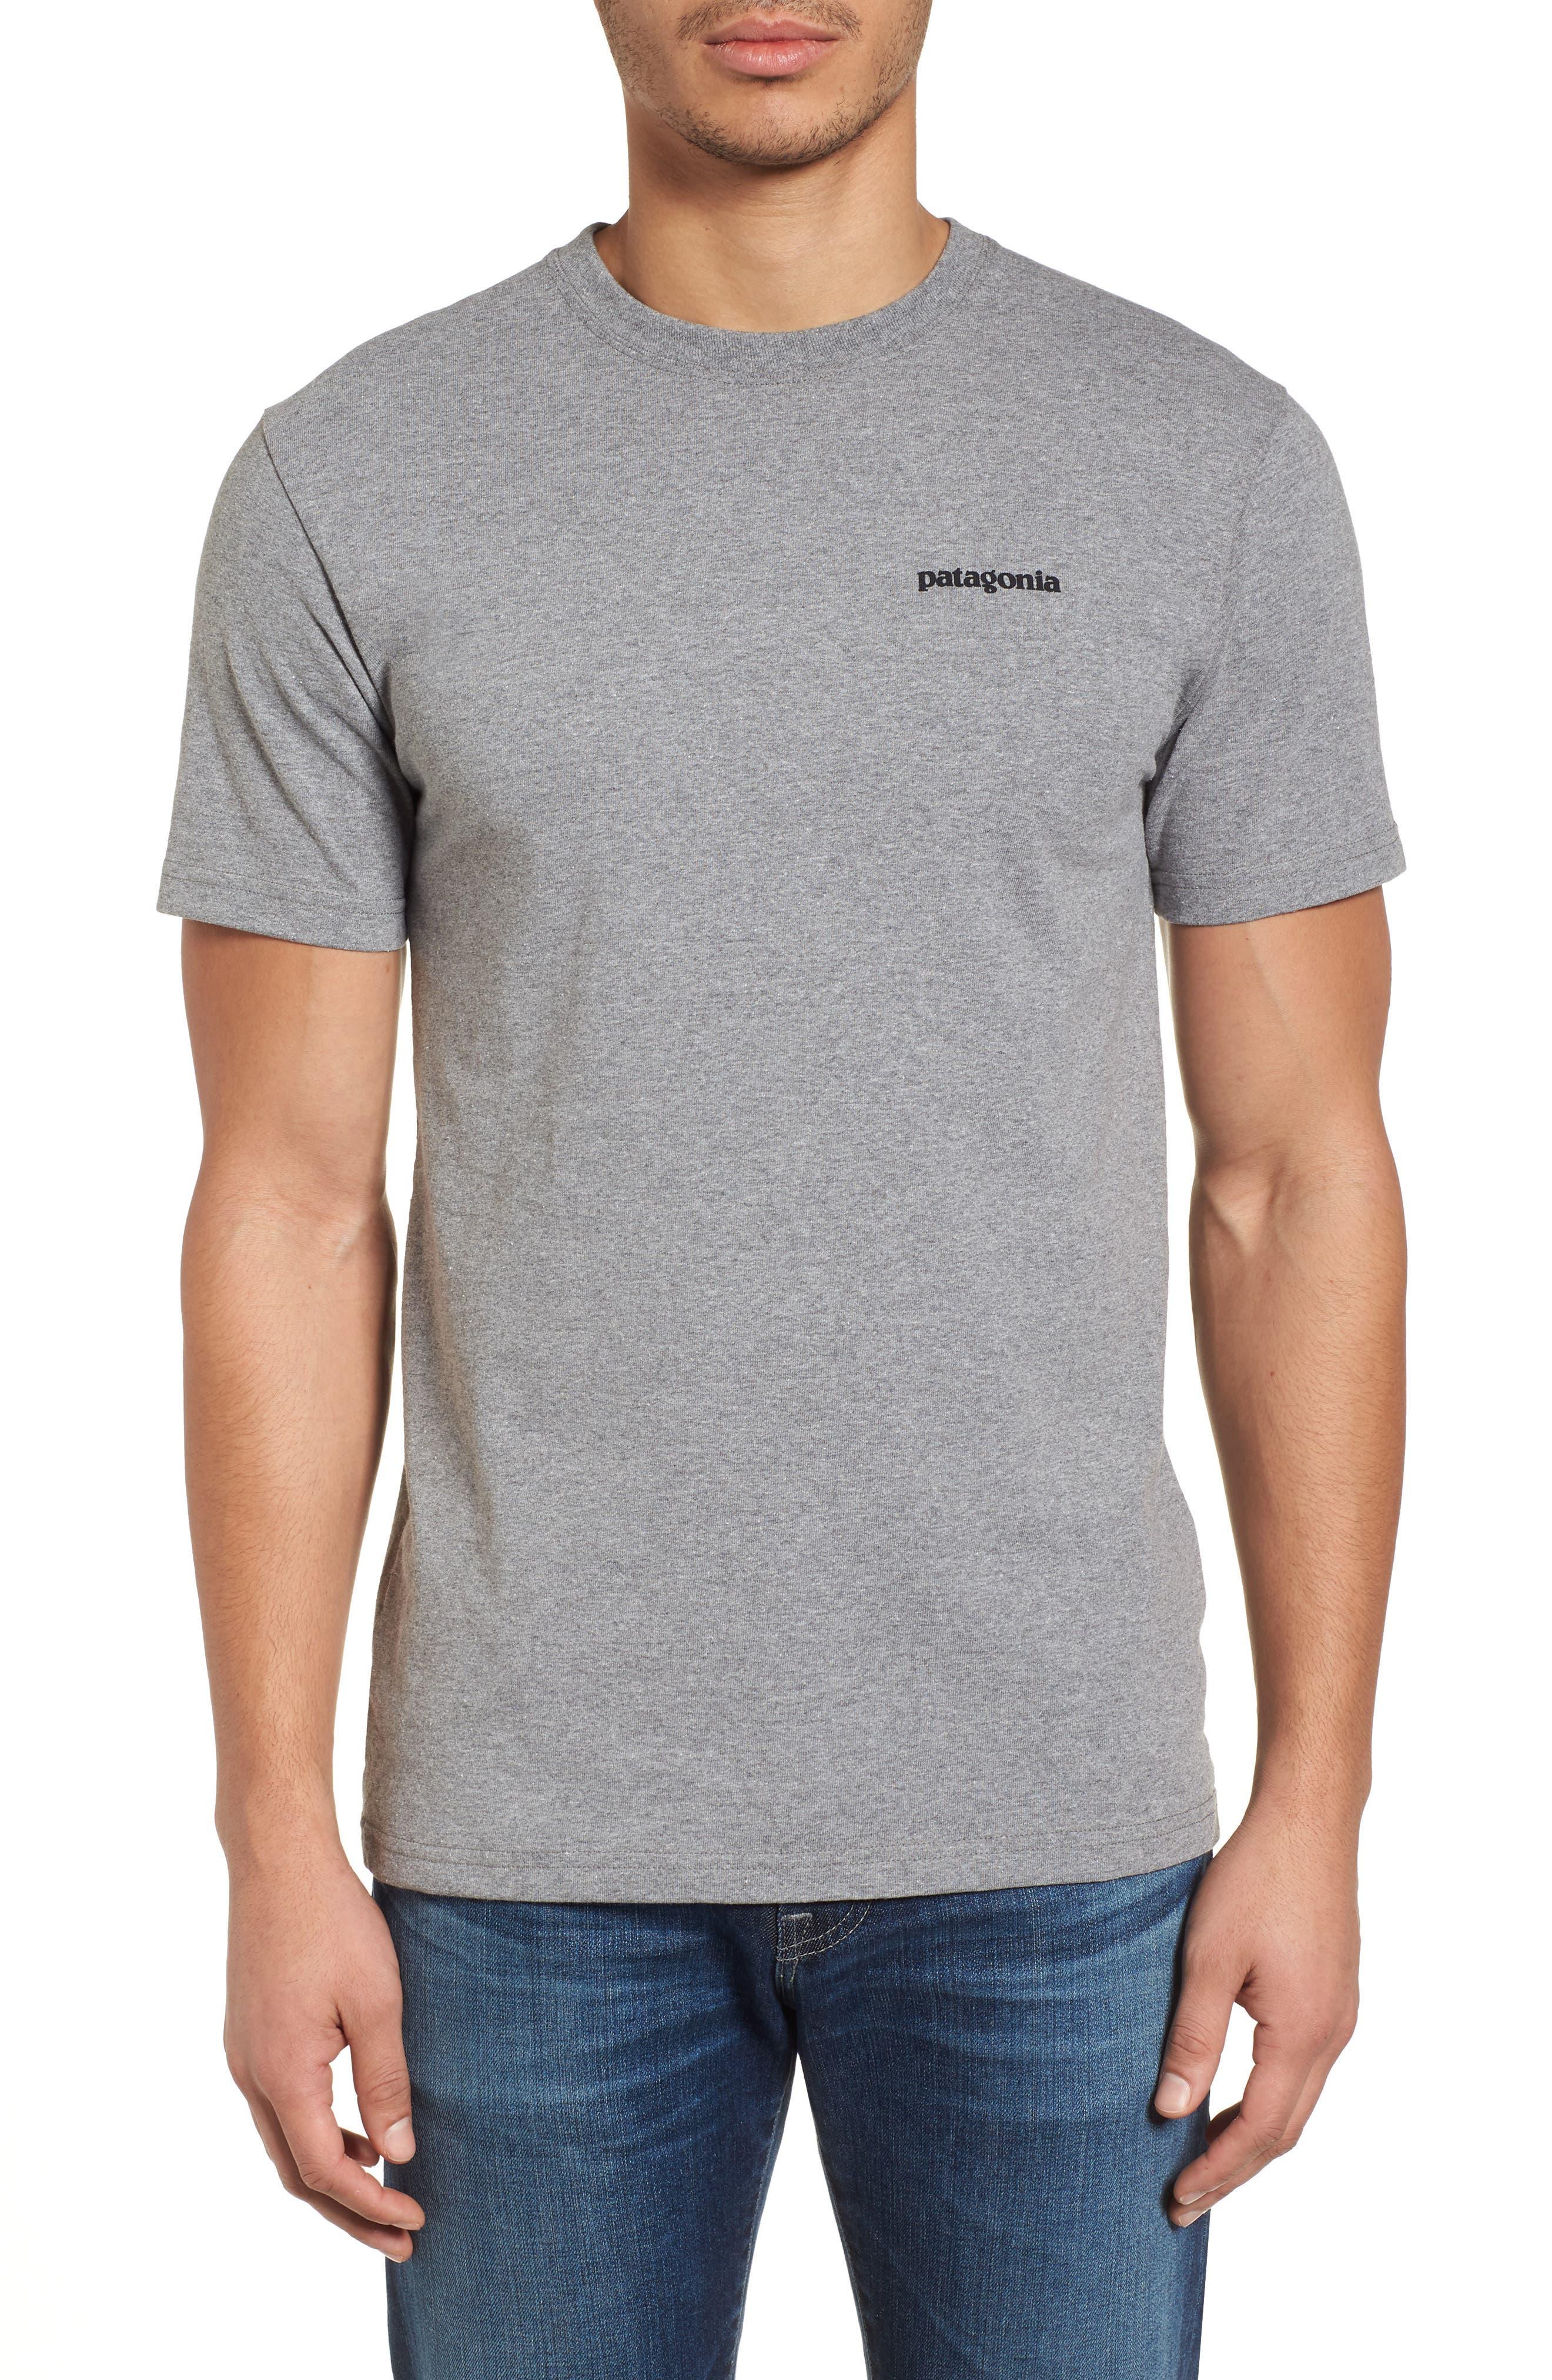 Glacier View Rising Responsibili-Tee T-Shirt,                             Main thumbnail 1, color,                             020